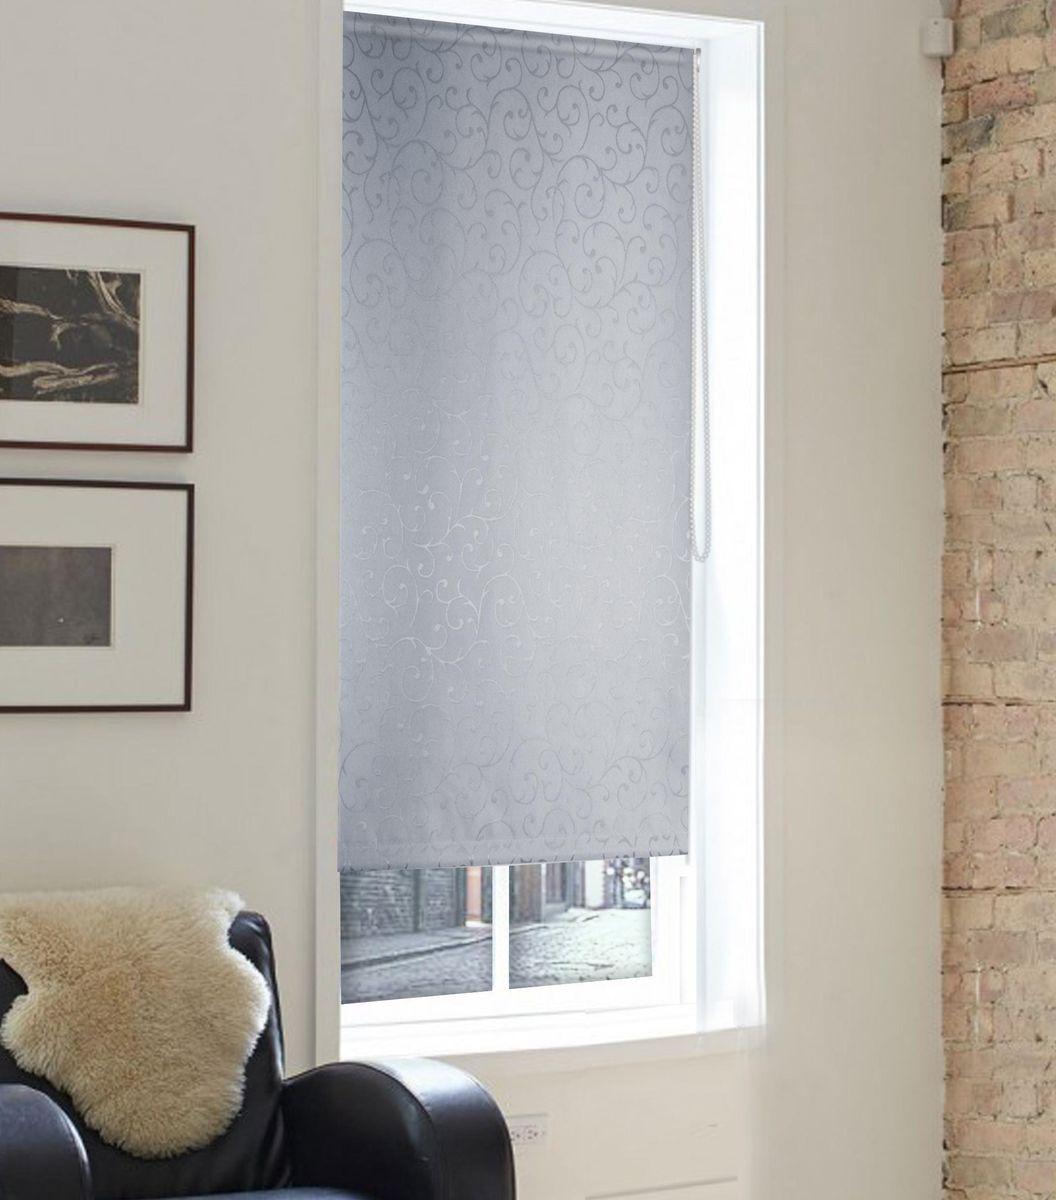 Штора рулонная Эскар Агат, цвет: серый, ширина 120 см, высота 160 см1004900000360Рулонными шторами можно оформлять окна как самостоятельно, так и использовать в комбинации с портьерами. Это поможет предотвратить выгорание дорогой ткани на солнце и соединит функционал рулонных с красотой навесных.Преимущества применения рулонных штор для пластиковых окон:- имеют прекрасный внешний вид: многообразие и фактурность материала изделия отлично смотрятся в любом интерьере; - многофункциональны: есть возможность подобрать шторы способные эффективно защитить комнату от солнца, при этом она не будет слишком темной.- Есть возможность осуществить быстрый монтаж.ВНИМАНИЕ! Размеры ширины изделия указаны по ширине ткани!Во время эксплуатации не рекомендуется полностью разматывать рулон, чтобы не оторвать ткань от намоточного вала.В случае загрязнения поверхности ткани, чистку шторы проводят одним из способов, в зависимости от типа загрязнения: легкое поверхностное загрязнение можно удалить при помощи канцелярского ластика; чистка от пыли производится сухим методом при помощи пылесоса с мягкой щеткой-насадкой; для удаления пятна используйте мягкую губку с пенообразующим неагрессивным моющим средством или пятновыводитель на натуральной основе (нельзя применять растворители).